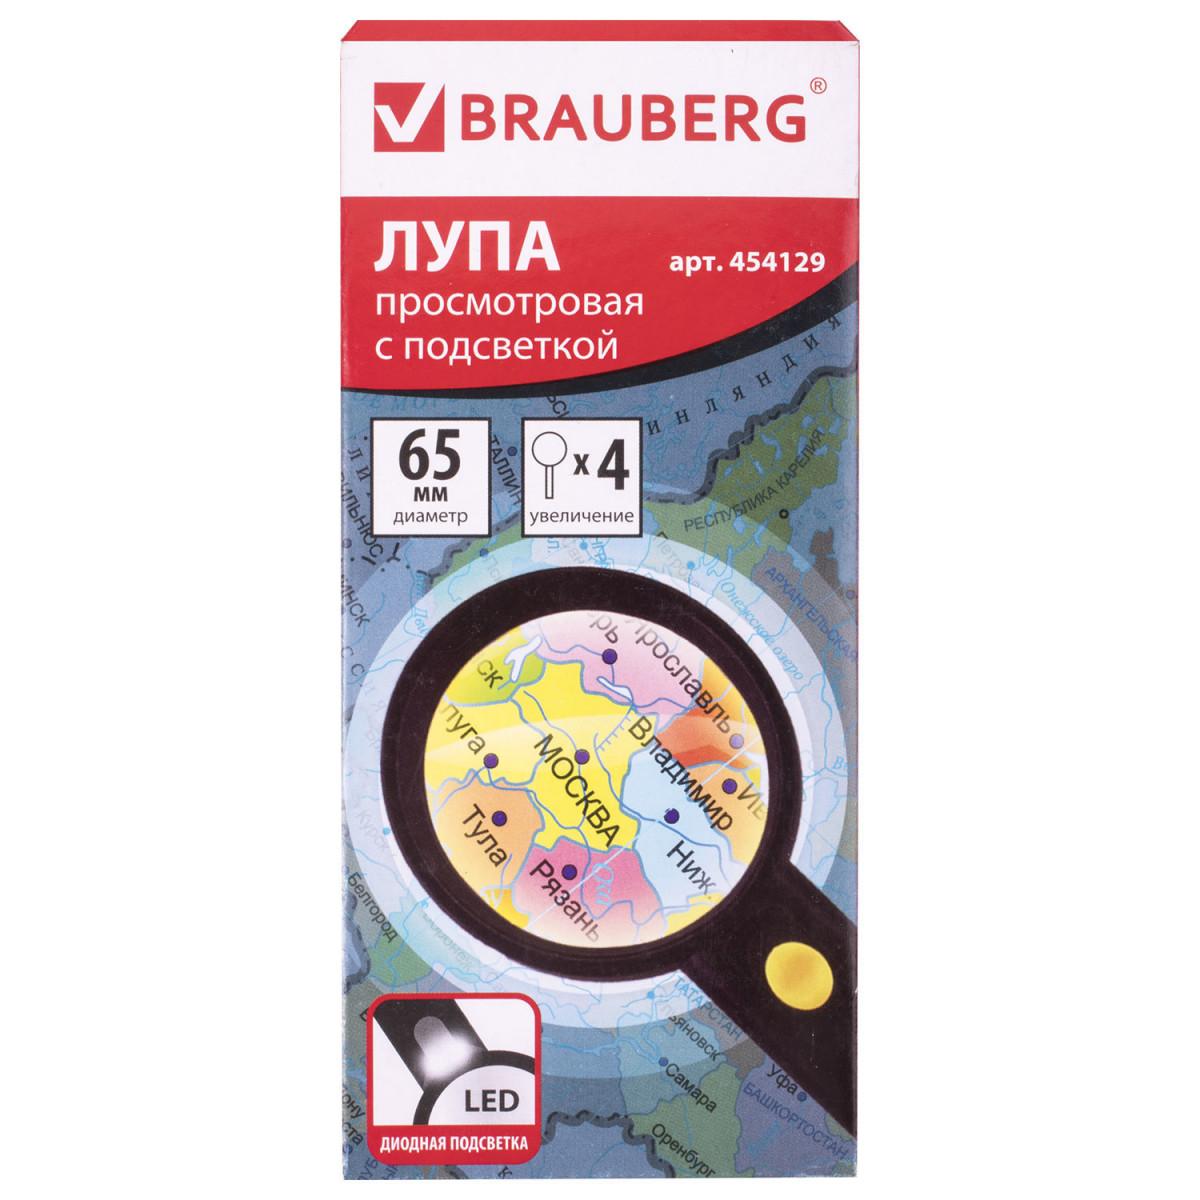 Лупа просмотровая BRAUBERG, С ПОДСВЕТКОЙ, диаметр 65 мм, увеличение 4, корпус черный, 454129 (арт. 454129)